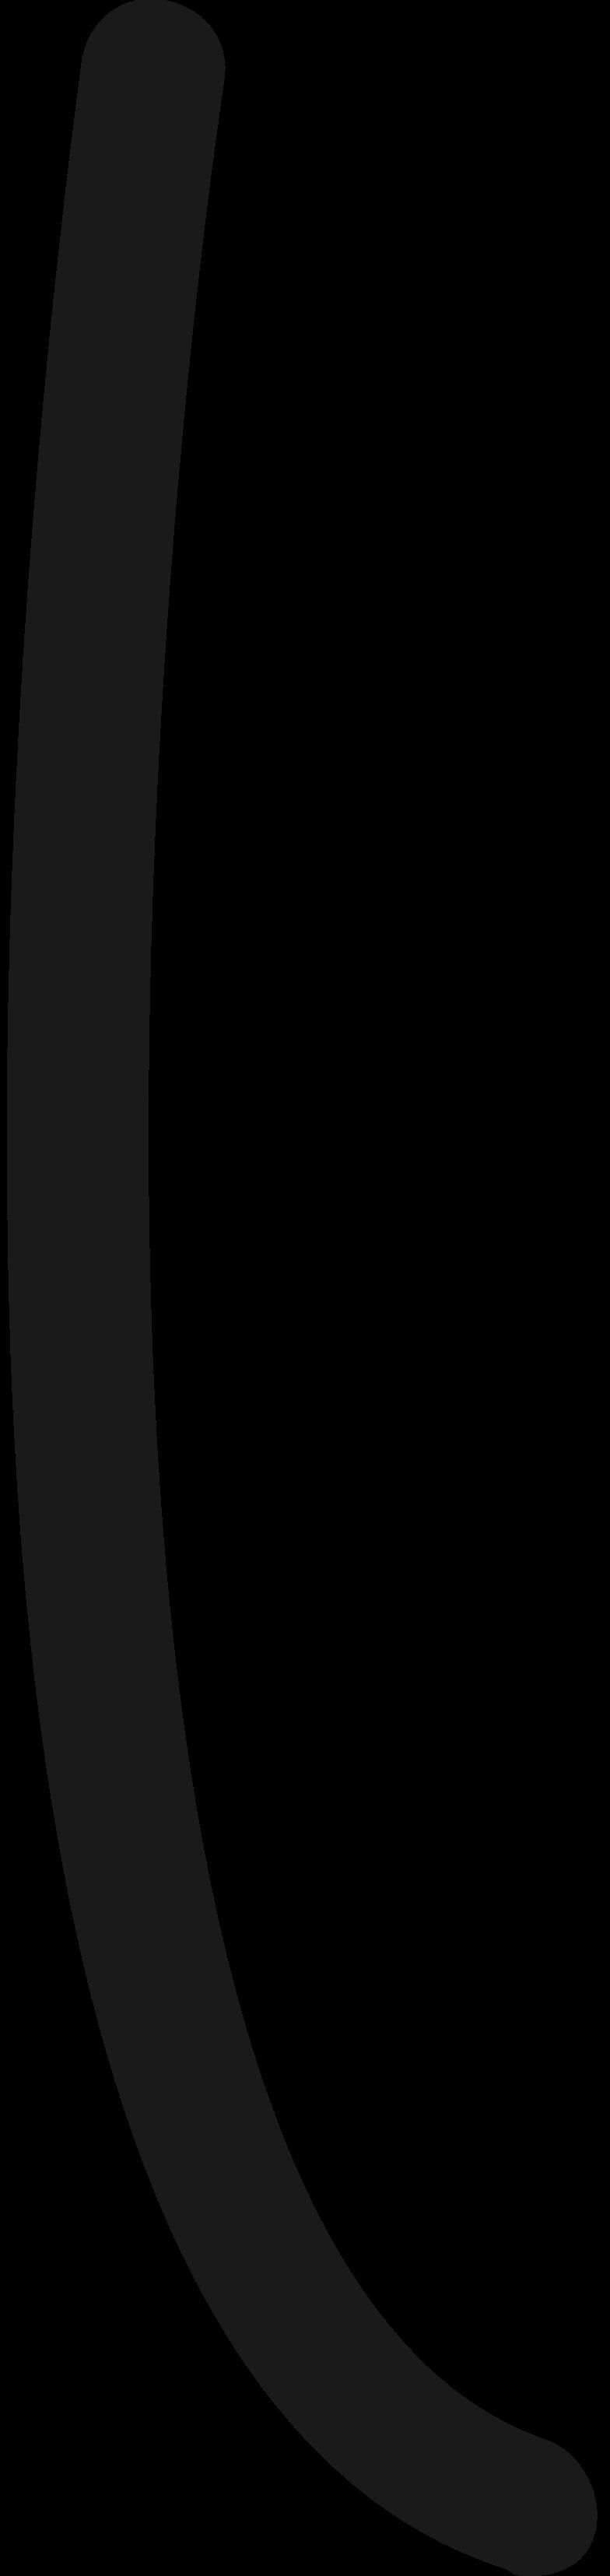 Vektorgrafik im  Stil abmelden gefangene dekoration linie als PNG und SVG | Icons8 Grafiken